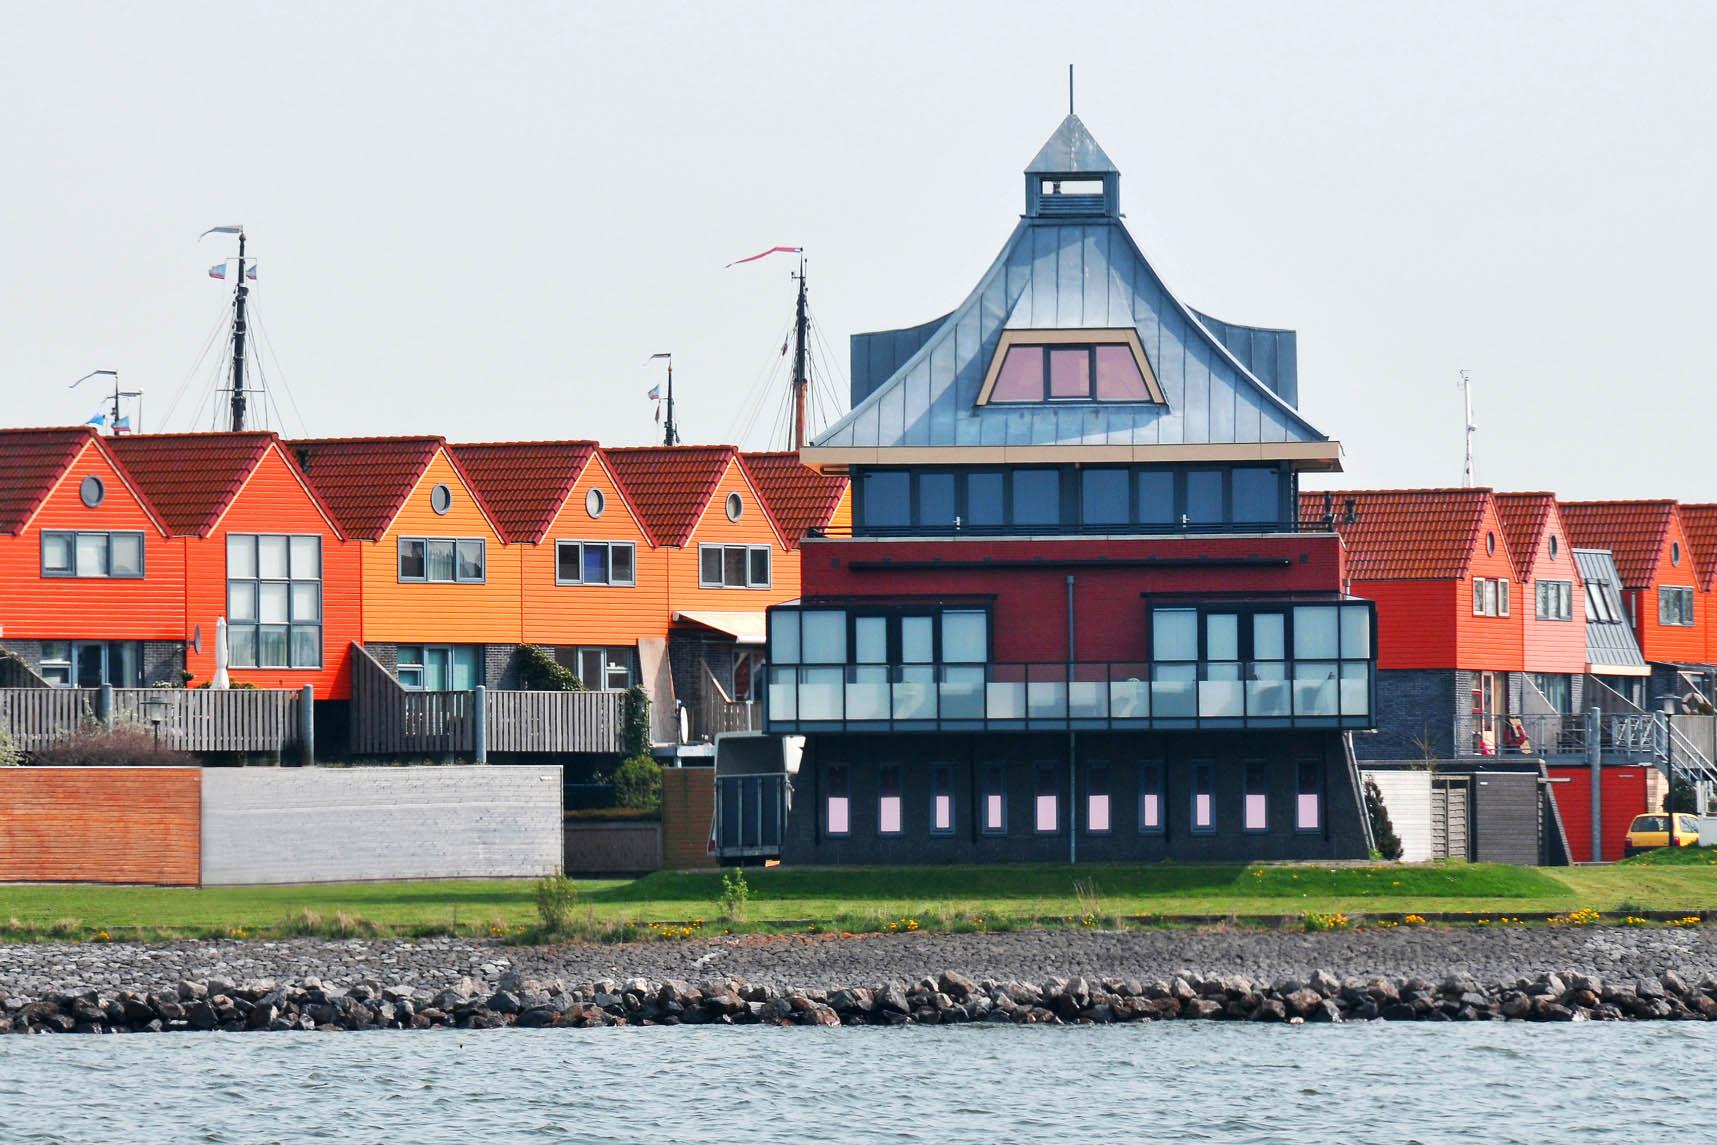 Immobilienfotograf Wohnhäuser